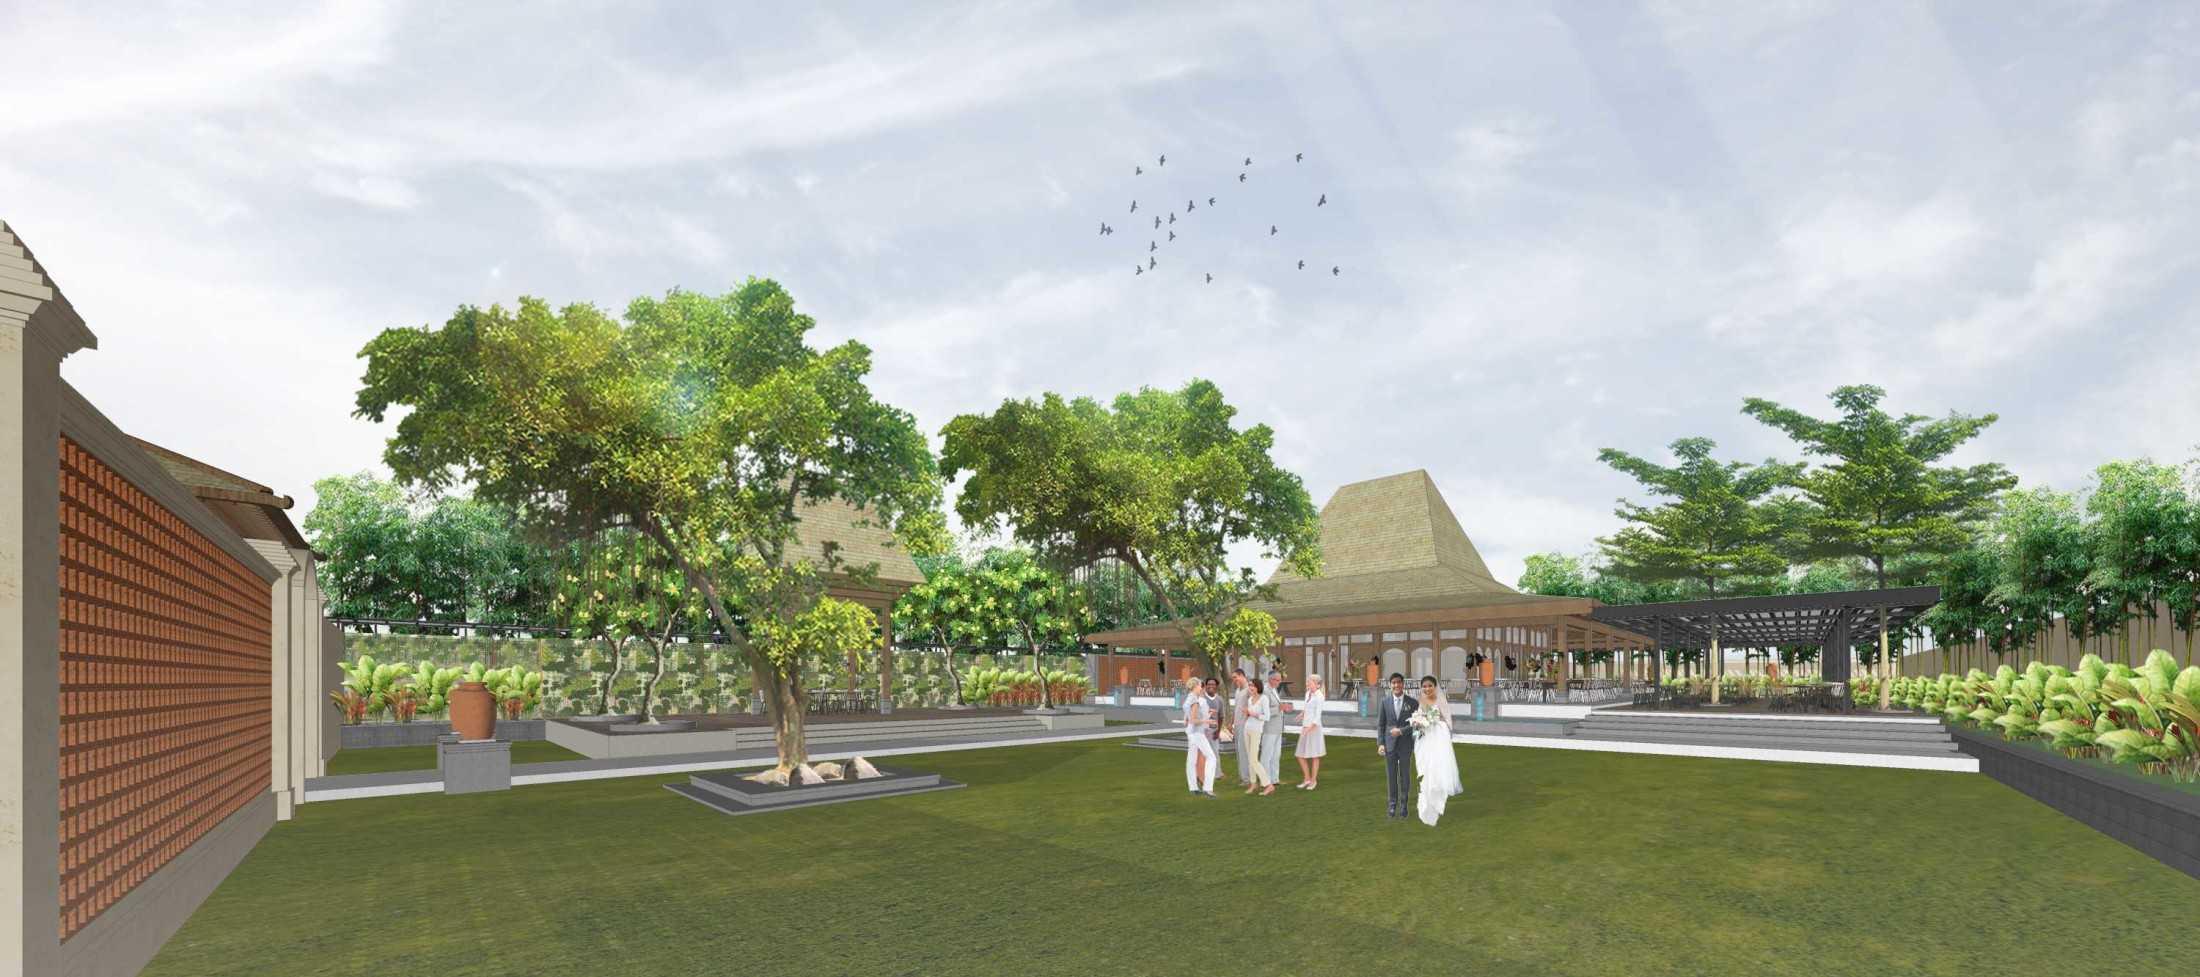 San+ Architects Restaurant & Cafe Chandaka Bekasi, Kota Bks, Jawa Barat, Indonesia Bekasi, Kota Bks, Jawa Barat, Indonesia San-Architects-Restaurant-Cafe-Chandaka  112902